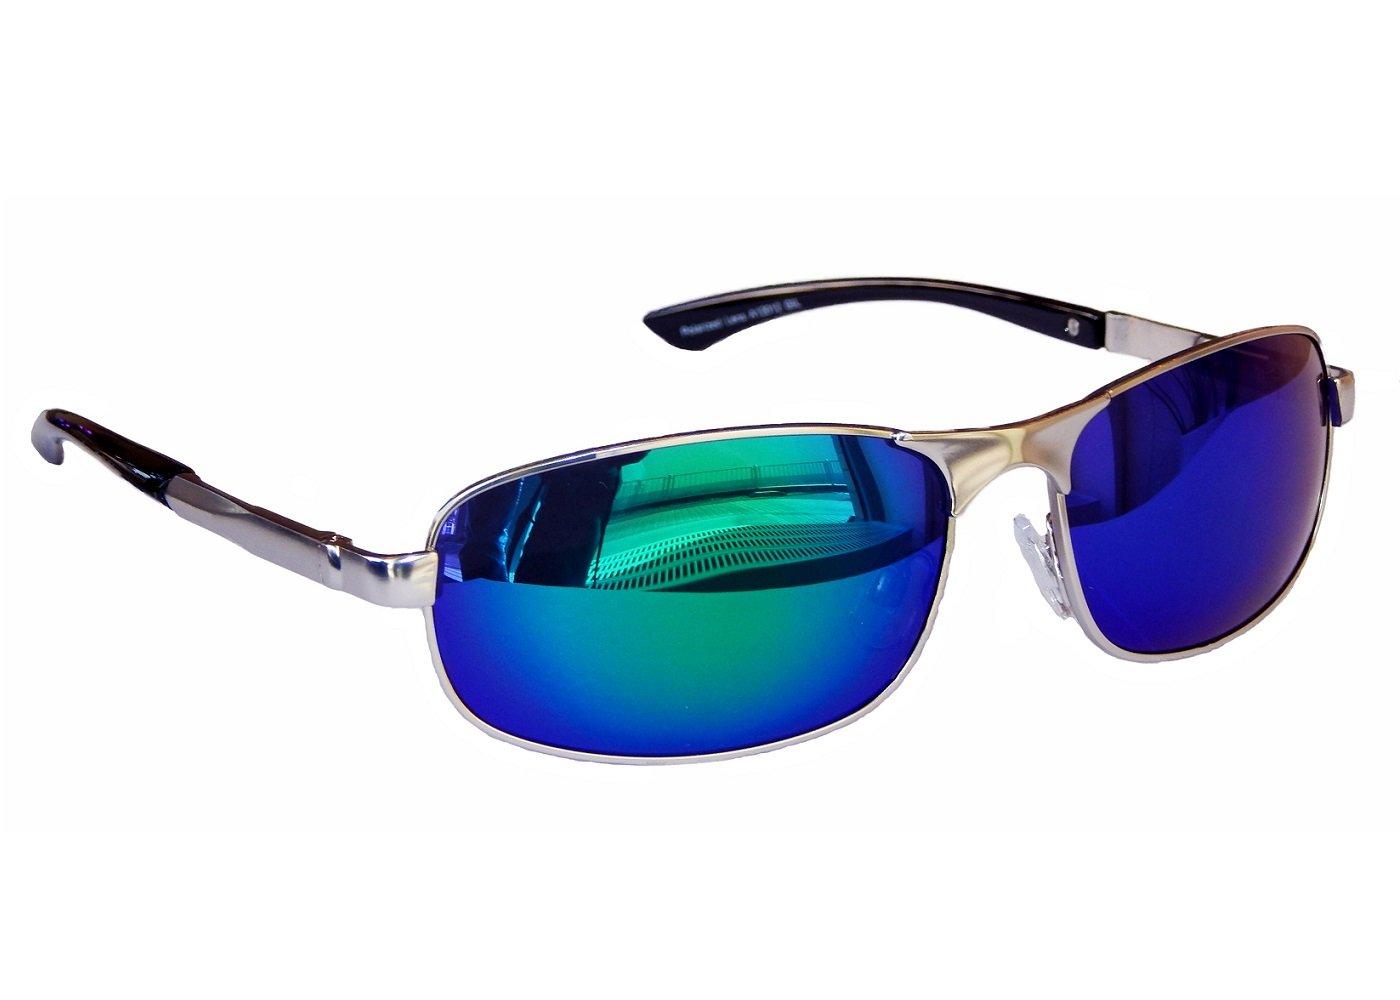 Matrix Sonnenbrille Sportbrille Motorradbrille Sport Brille Polarisiert M 3 (chrom Silber Grün Blau Verspiegelt) fKOGV6